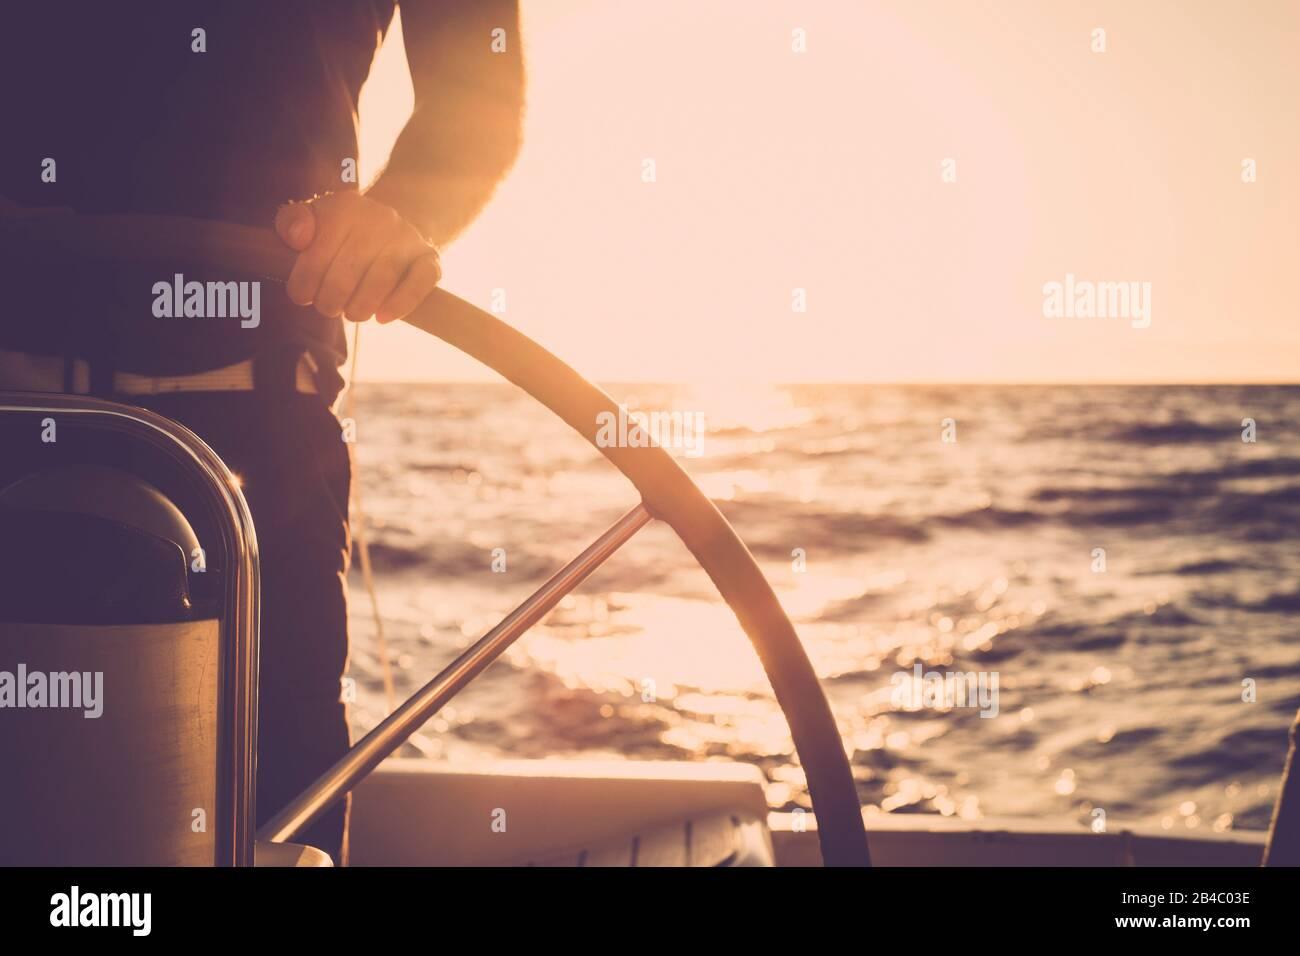 Nahaufnahme der Hand des Menschen auf dem Segelboothelm - Lifestyle-Konzept des Schiffs für schöne Urlaubsdestination - alternatives Menschenleben - Sonnenuntergang und Sonnenlicht im Hintergrund auf dem Ozean Stockfoto